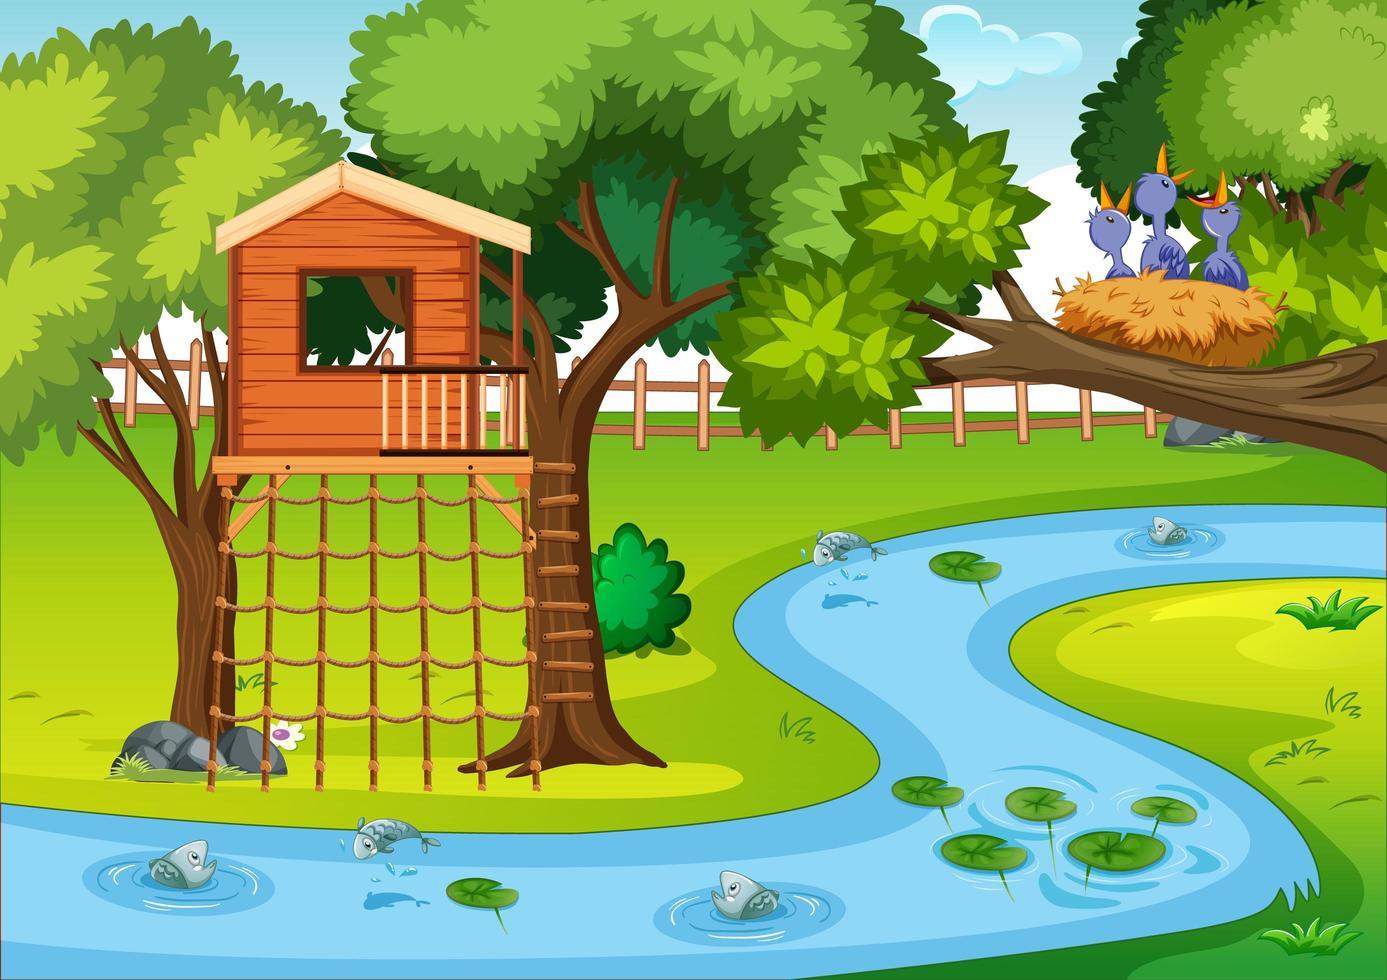 Naturpark-Szene im Cartoon-Stil vektor